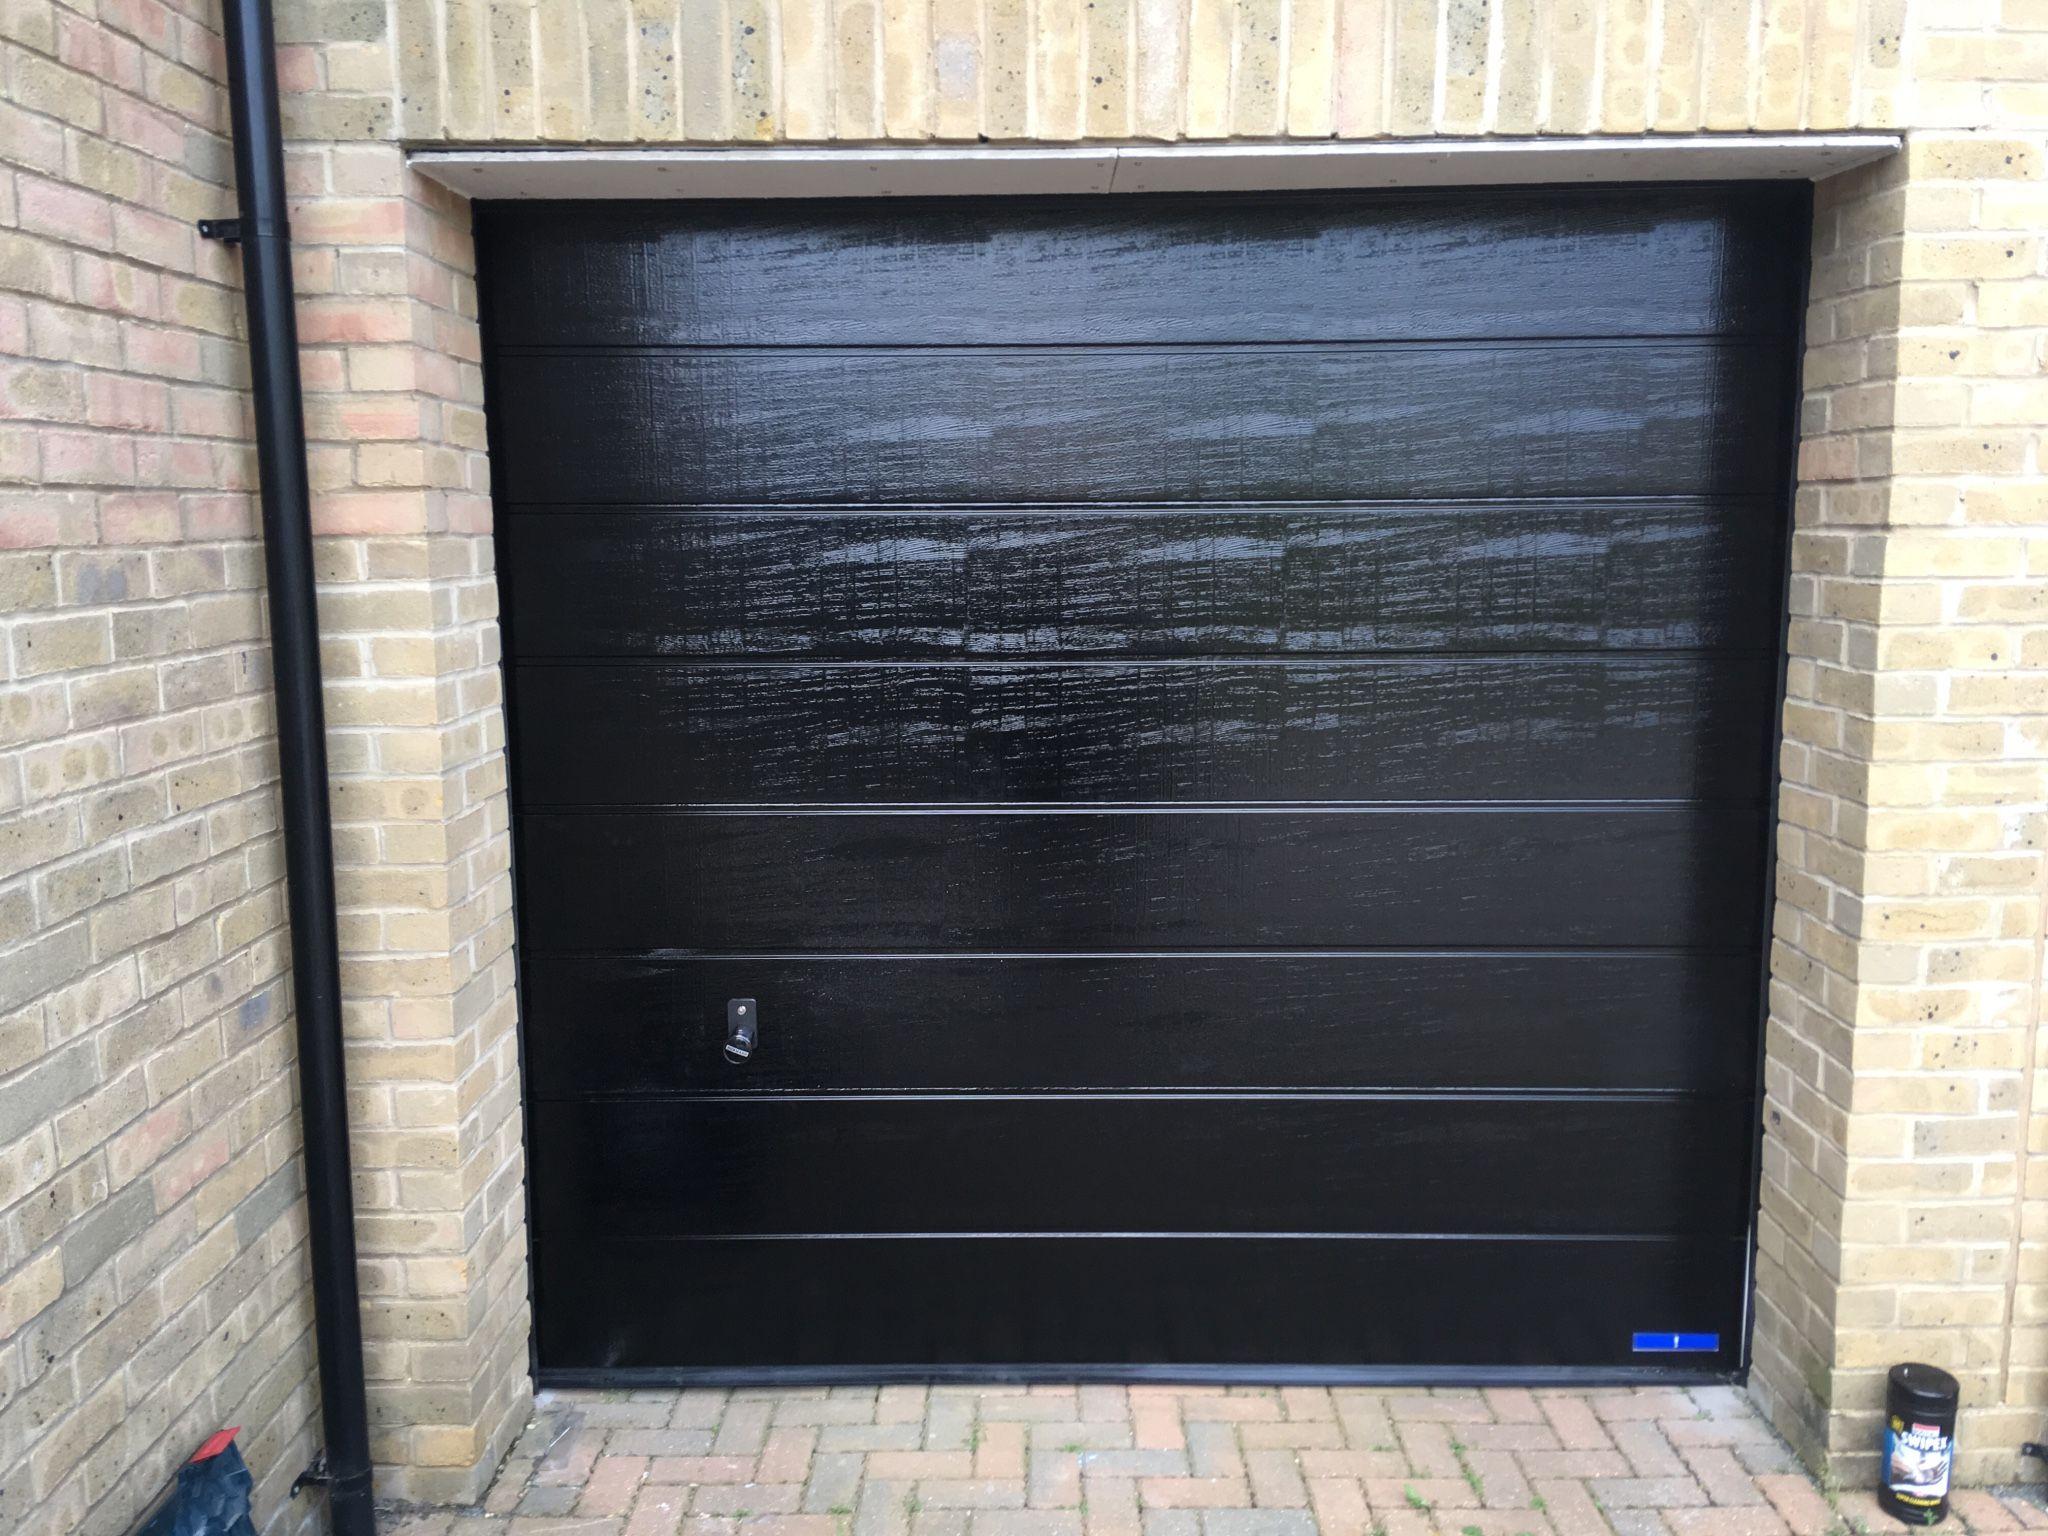 Manual Sectional Leverstock Green Swr Redefining Homes Sectional Garage Doors Garage Doors Sectional Door